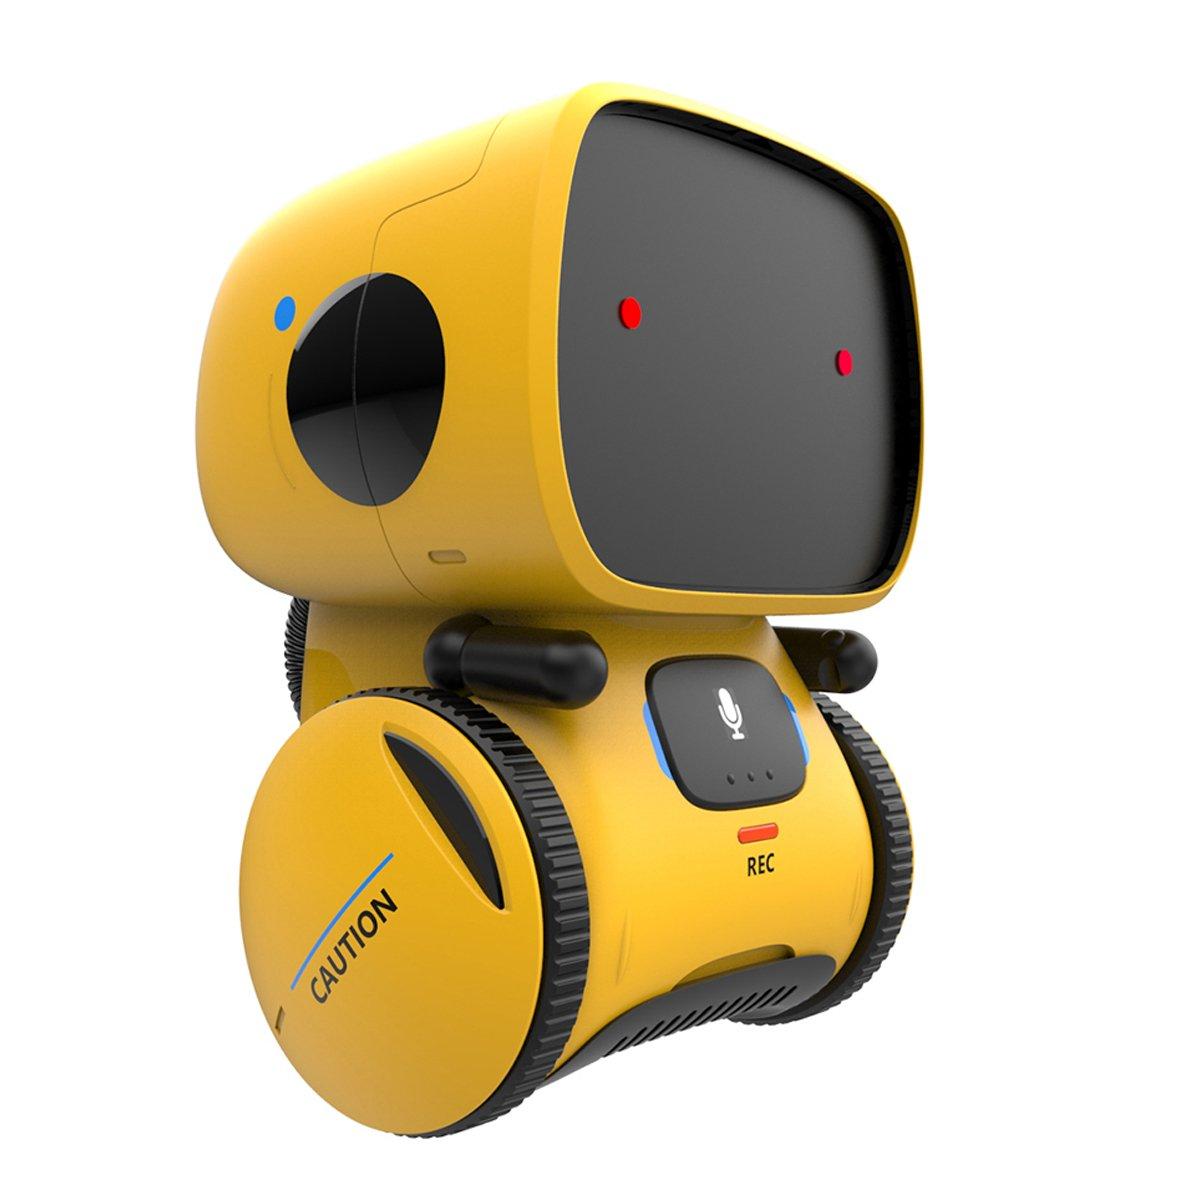 Remoking Robot Toy, Educational Stem Toys Robotics für Kids,Dance,Sing,Speak Like You,Recorder,Touch und Voice Control, Gifts für Kids